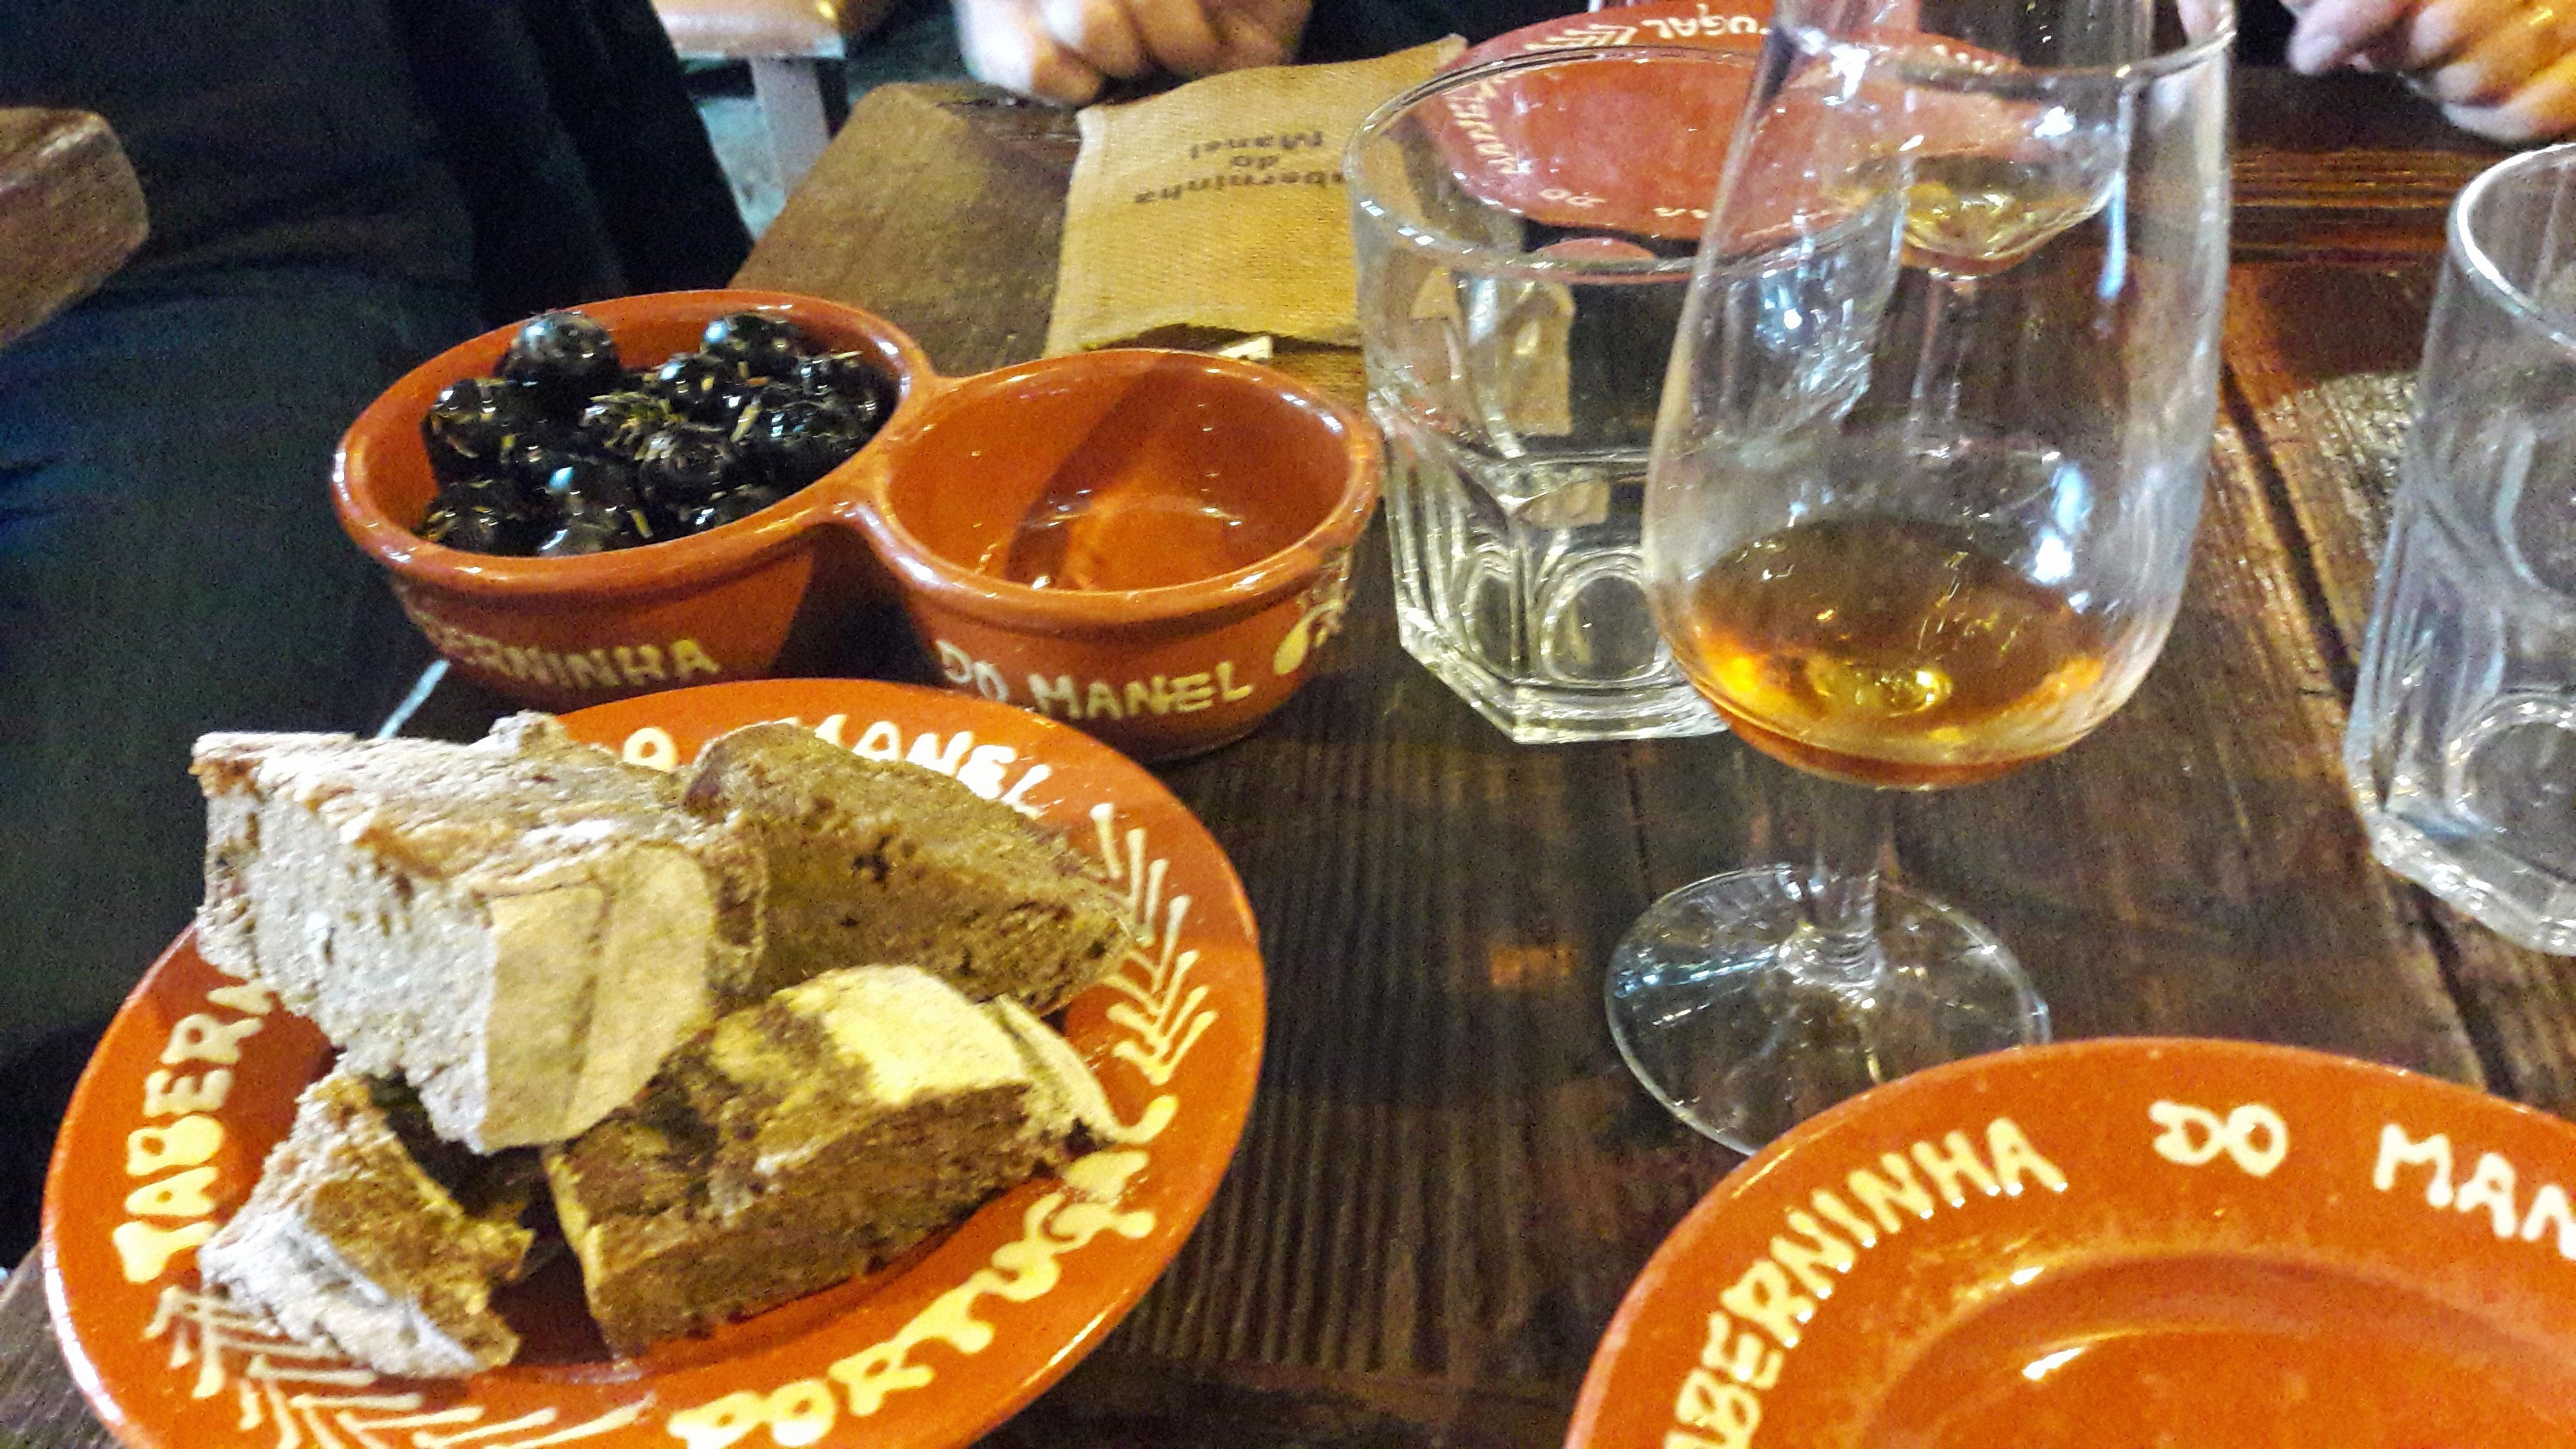 Taberninha do Manel Olivas negras y pan de algarroba con nueces